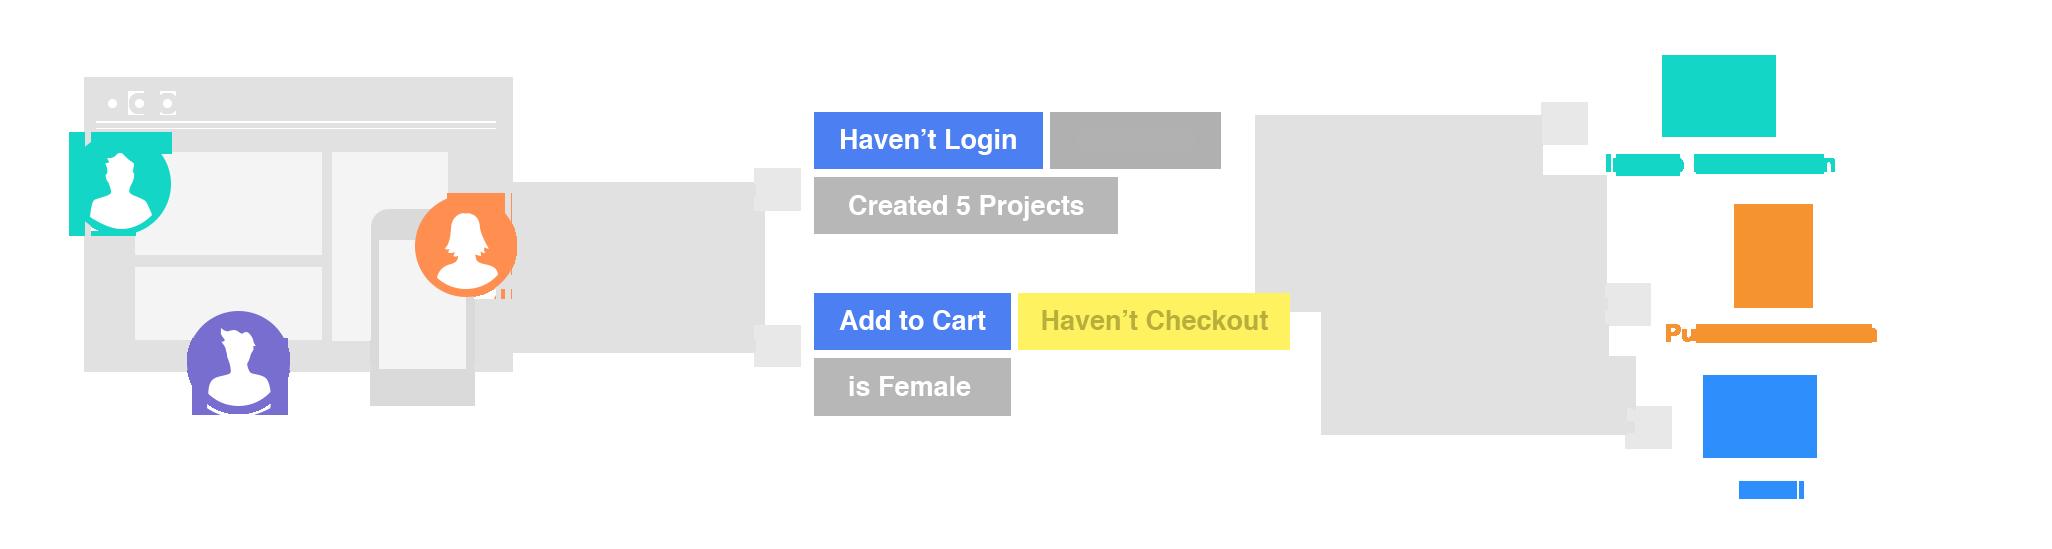 Come utilizzare Retain in ottica di growth hacking